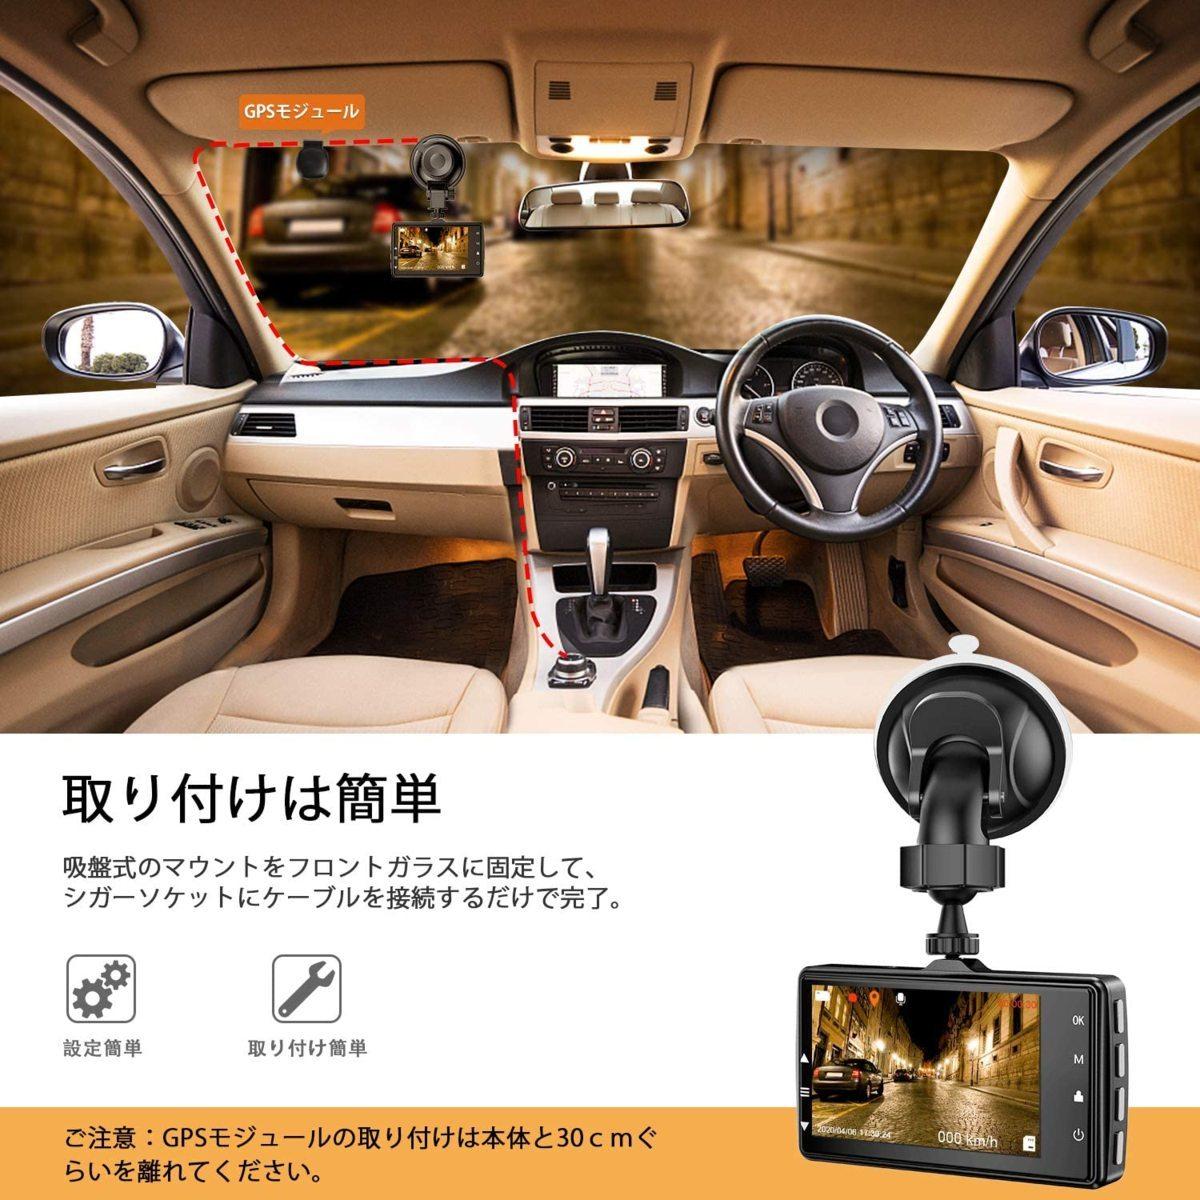 ■新品■ドライブレコーダー 【GPS搭載&前後カメラ】フルHD高画質 170度広角視野 駐車監視 衝撃録画 常時録画 Gセンサー 時速表示_画像3